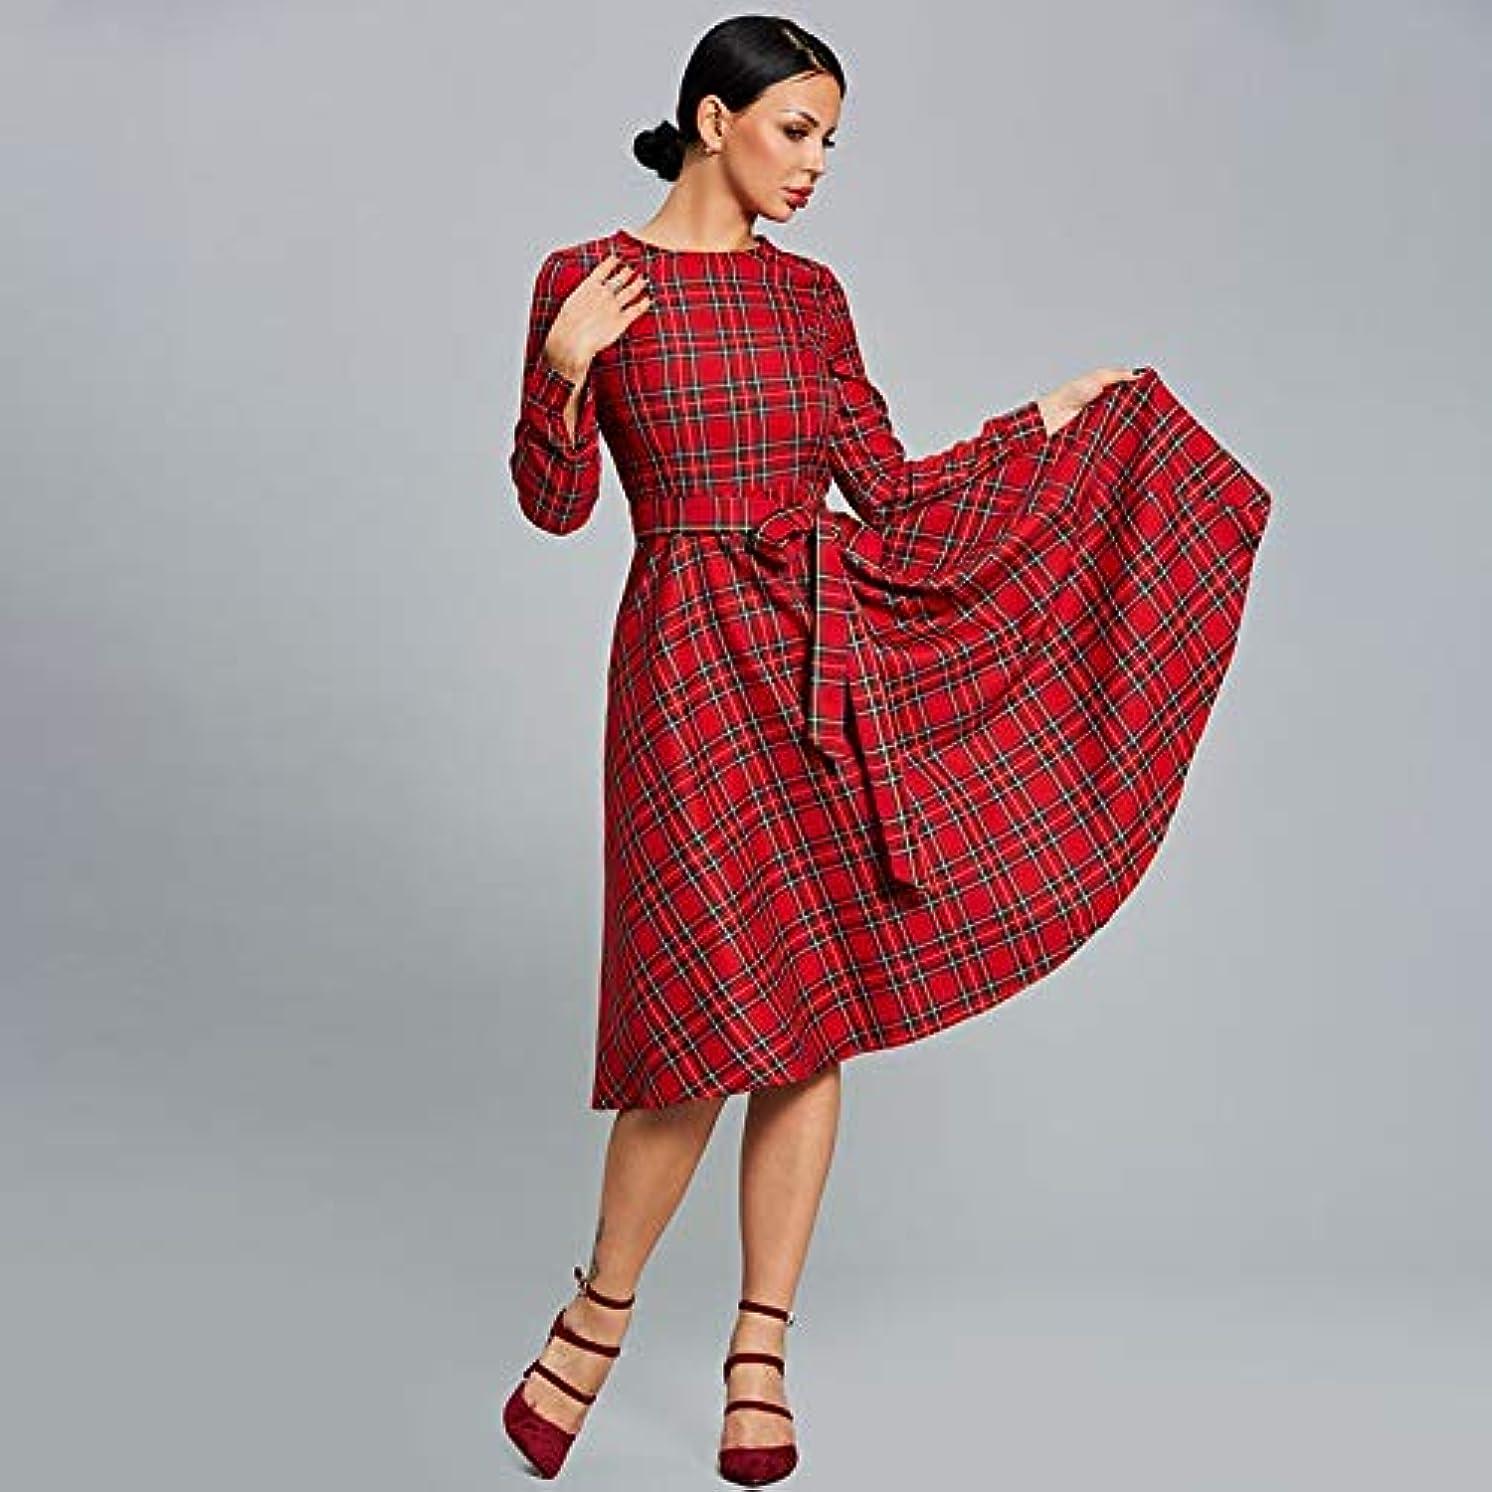 動脈吹雪落ち着くOnderroa - 女性のドレス秋のタータンチェックレッドパーティードレスOネックロングスリーブパッチワークラインデー2018女性の厚いヴィンテージドレス